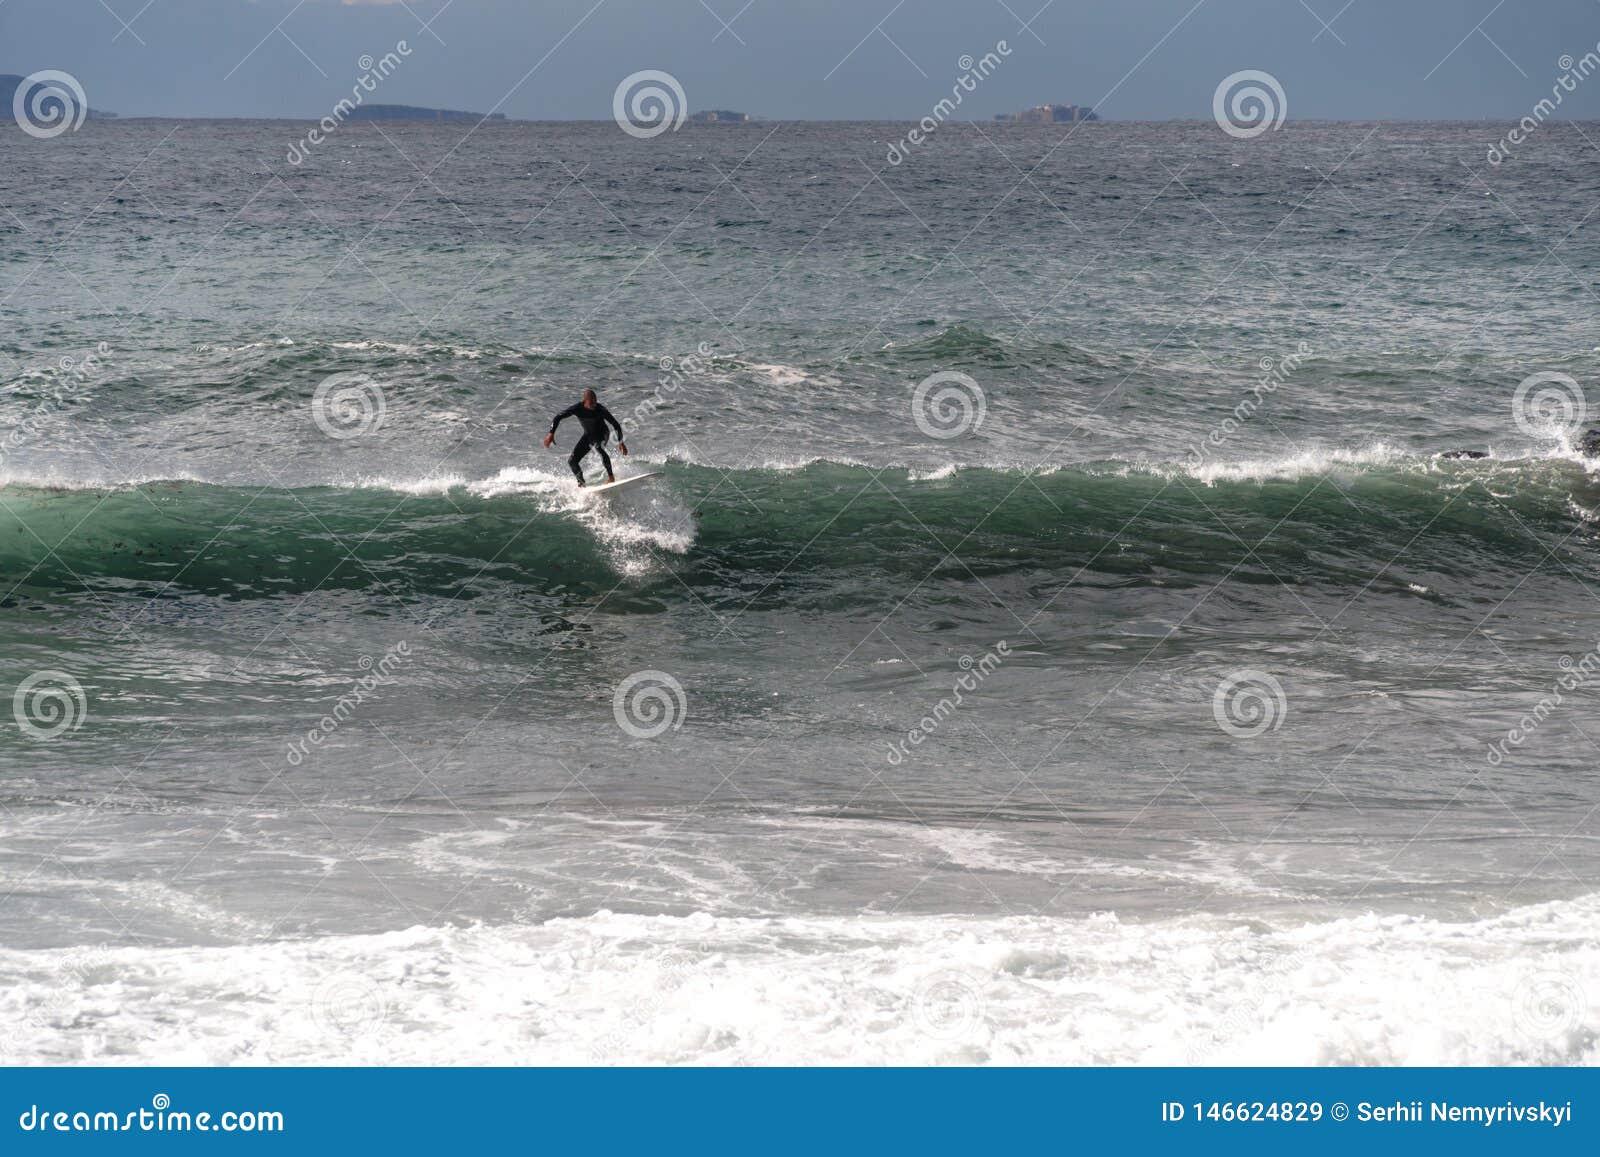 Surfingowiec bierze fal? na surfboard, obruszenia wzd?u? fali w tle g?ra, Sorrento W?ochy